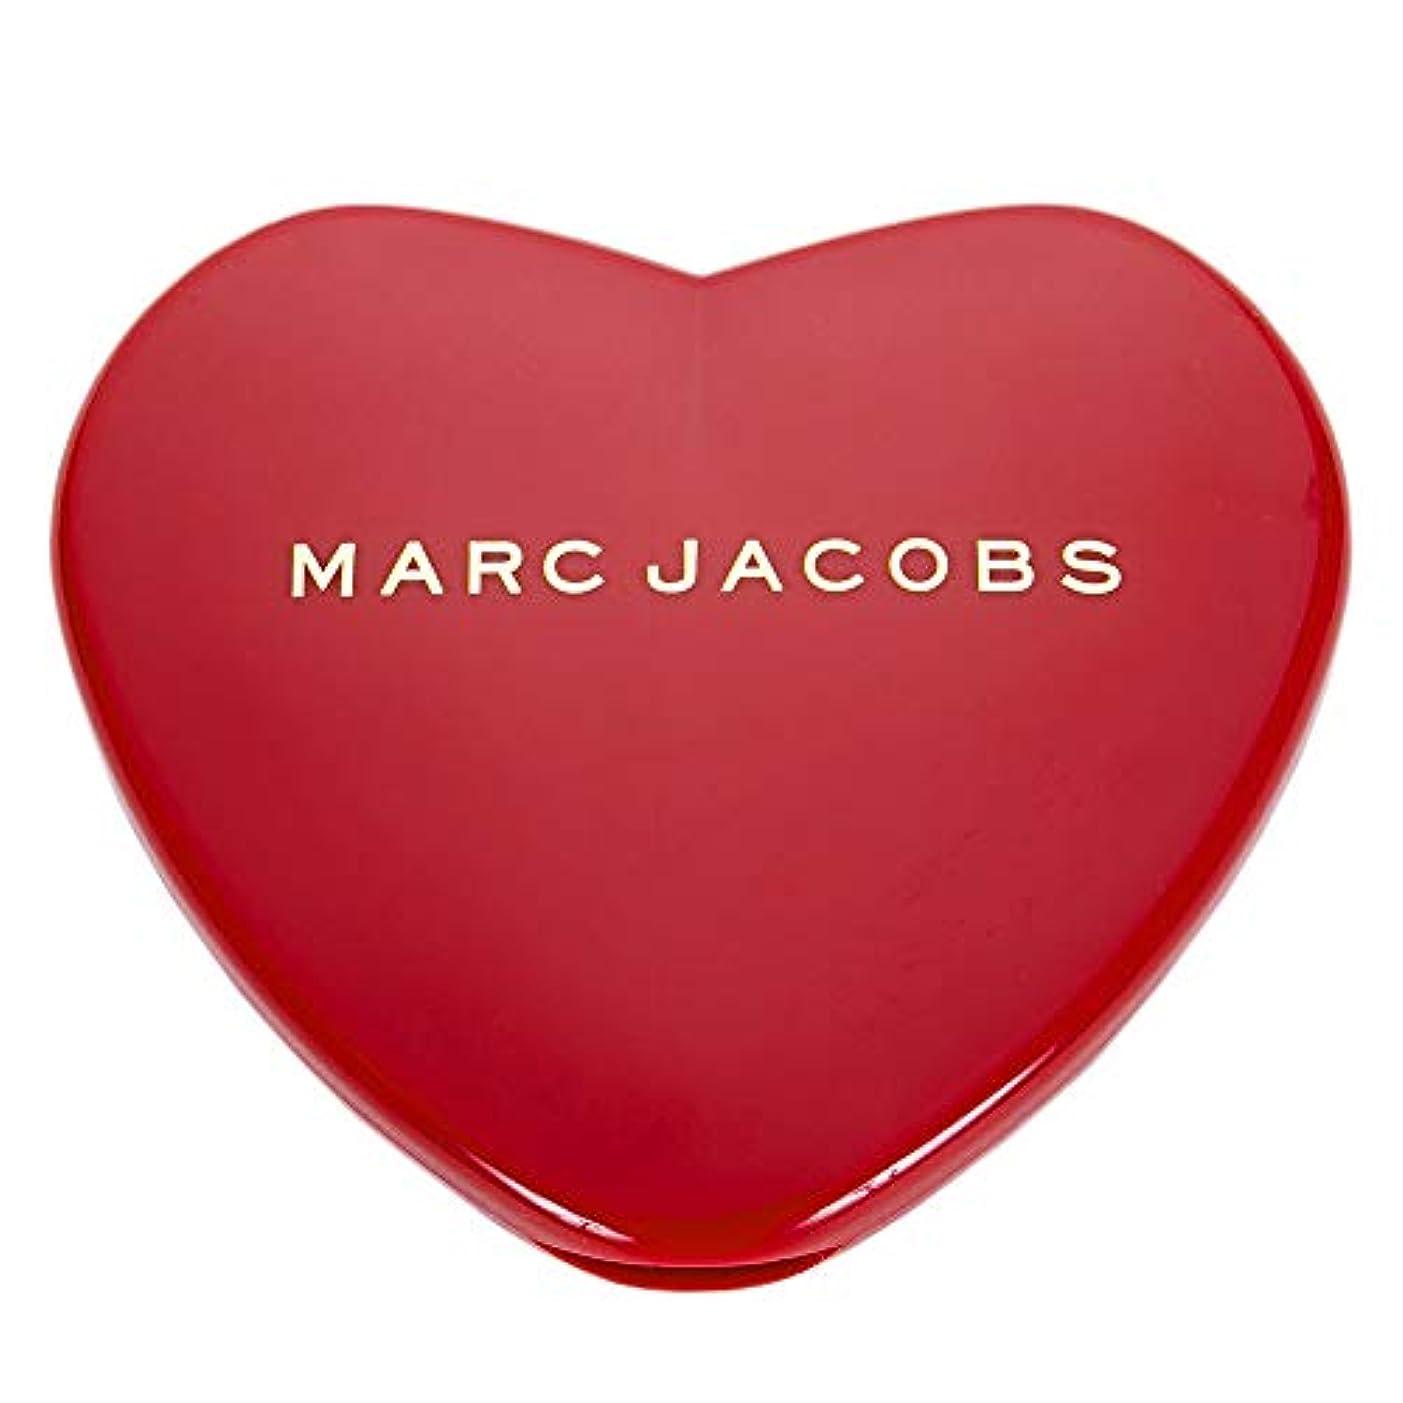 失敗放置擁する[名入れ対応可] MARC JACOBS マークジェイコブス ハート コンパクトミラー コスメ 折りたたみ